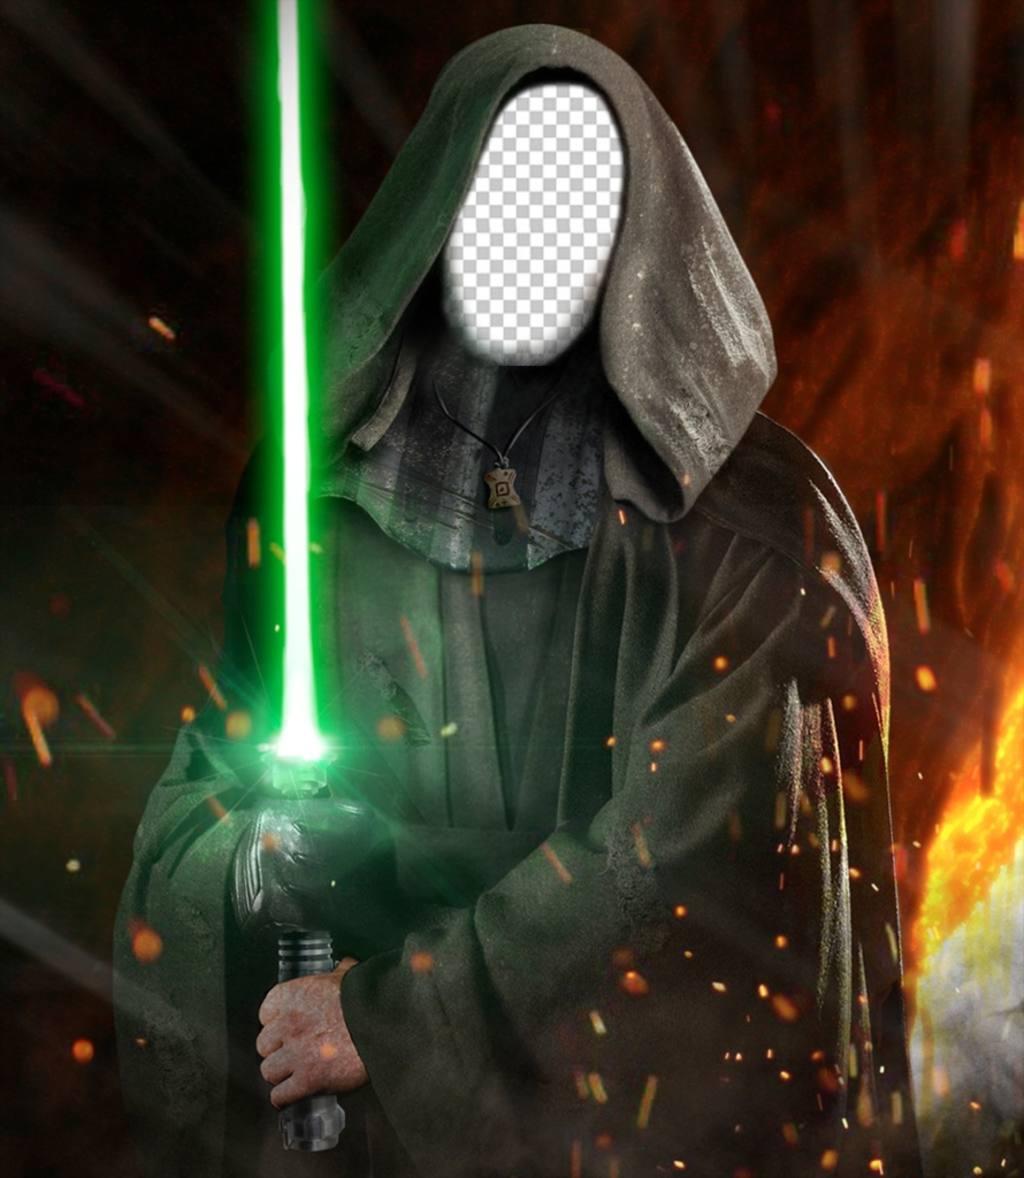 Fotomontage Ihr Foto auf dem Gesicht von Luke Skywalker aus Star Wars zu setzen